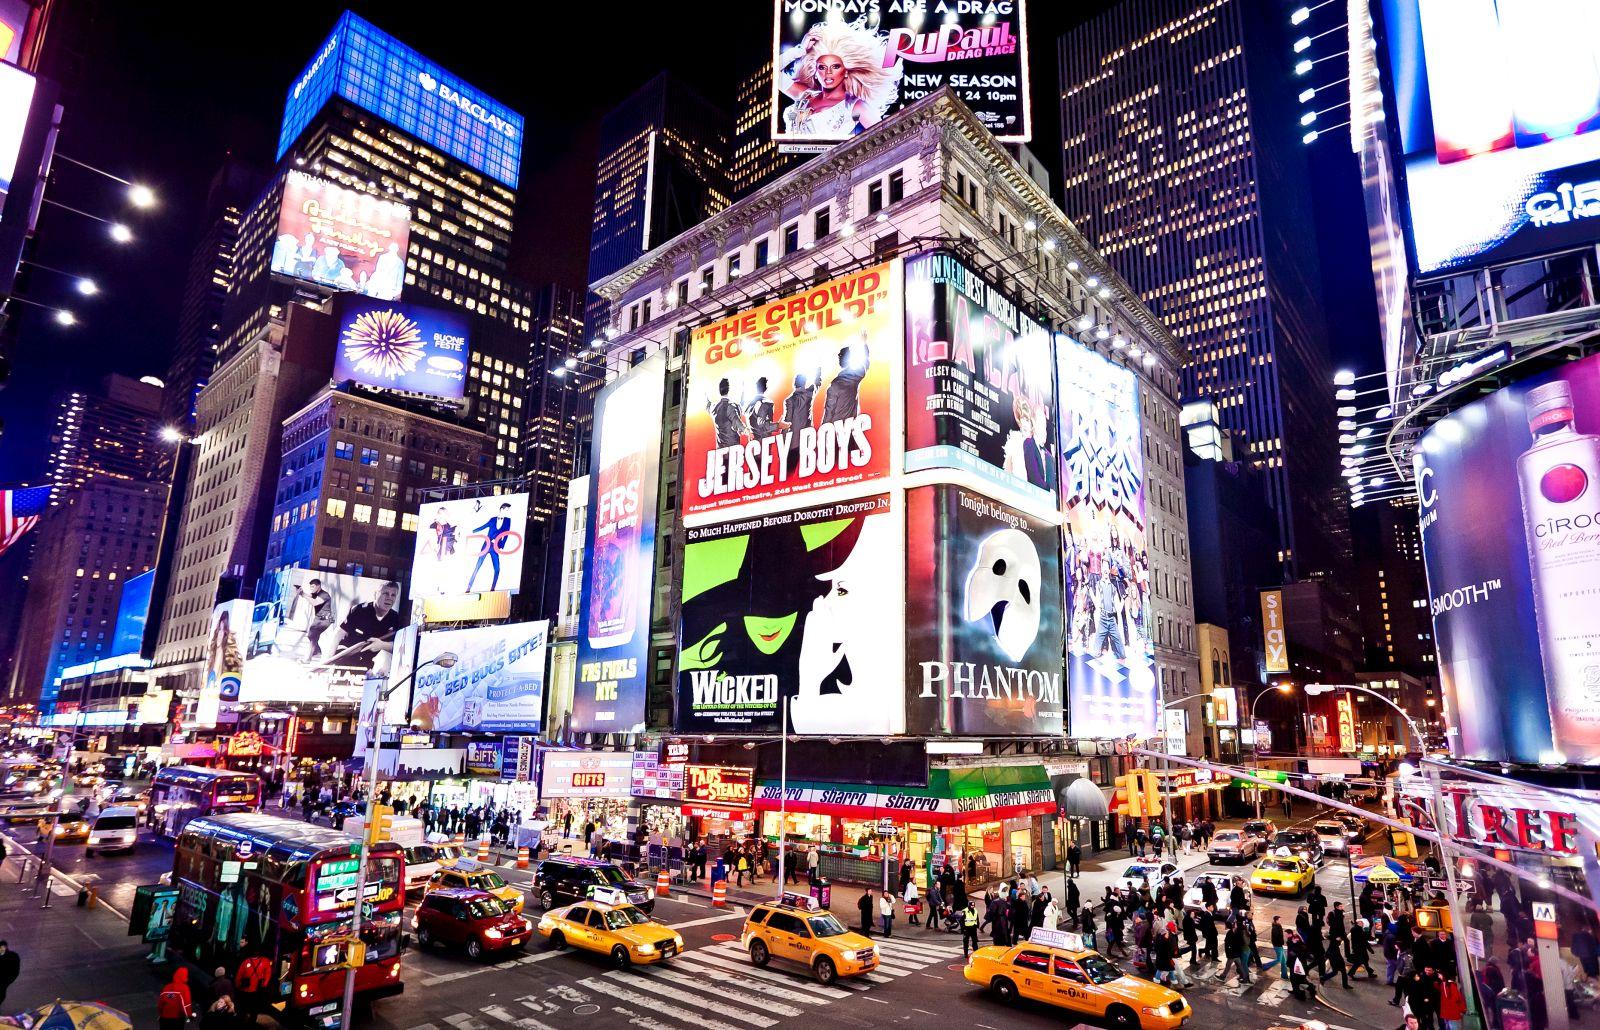 41 aktive Broadway-Theater gibt es in New York. Und in jedem davon warten Theaterstücke und Musicals mit hochkarätiger Besetzung darauf, entdeckt zu werden.